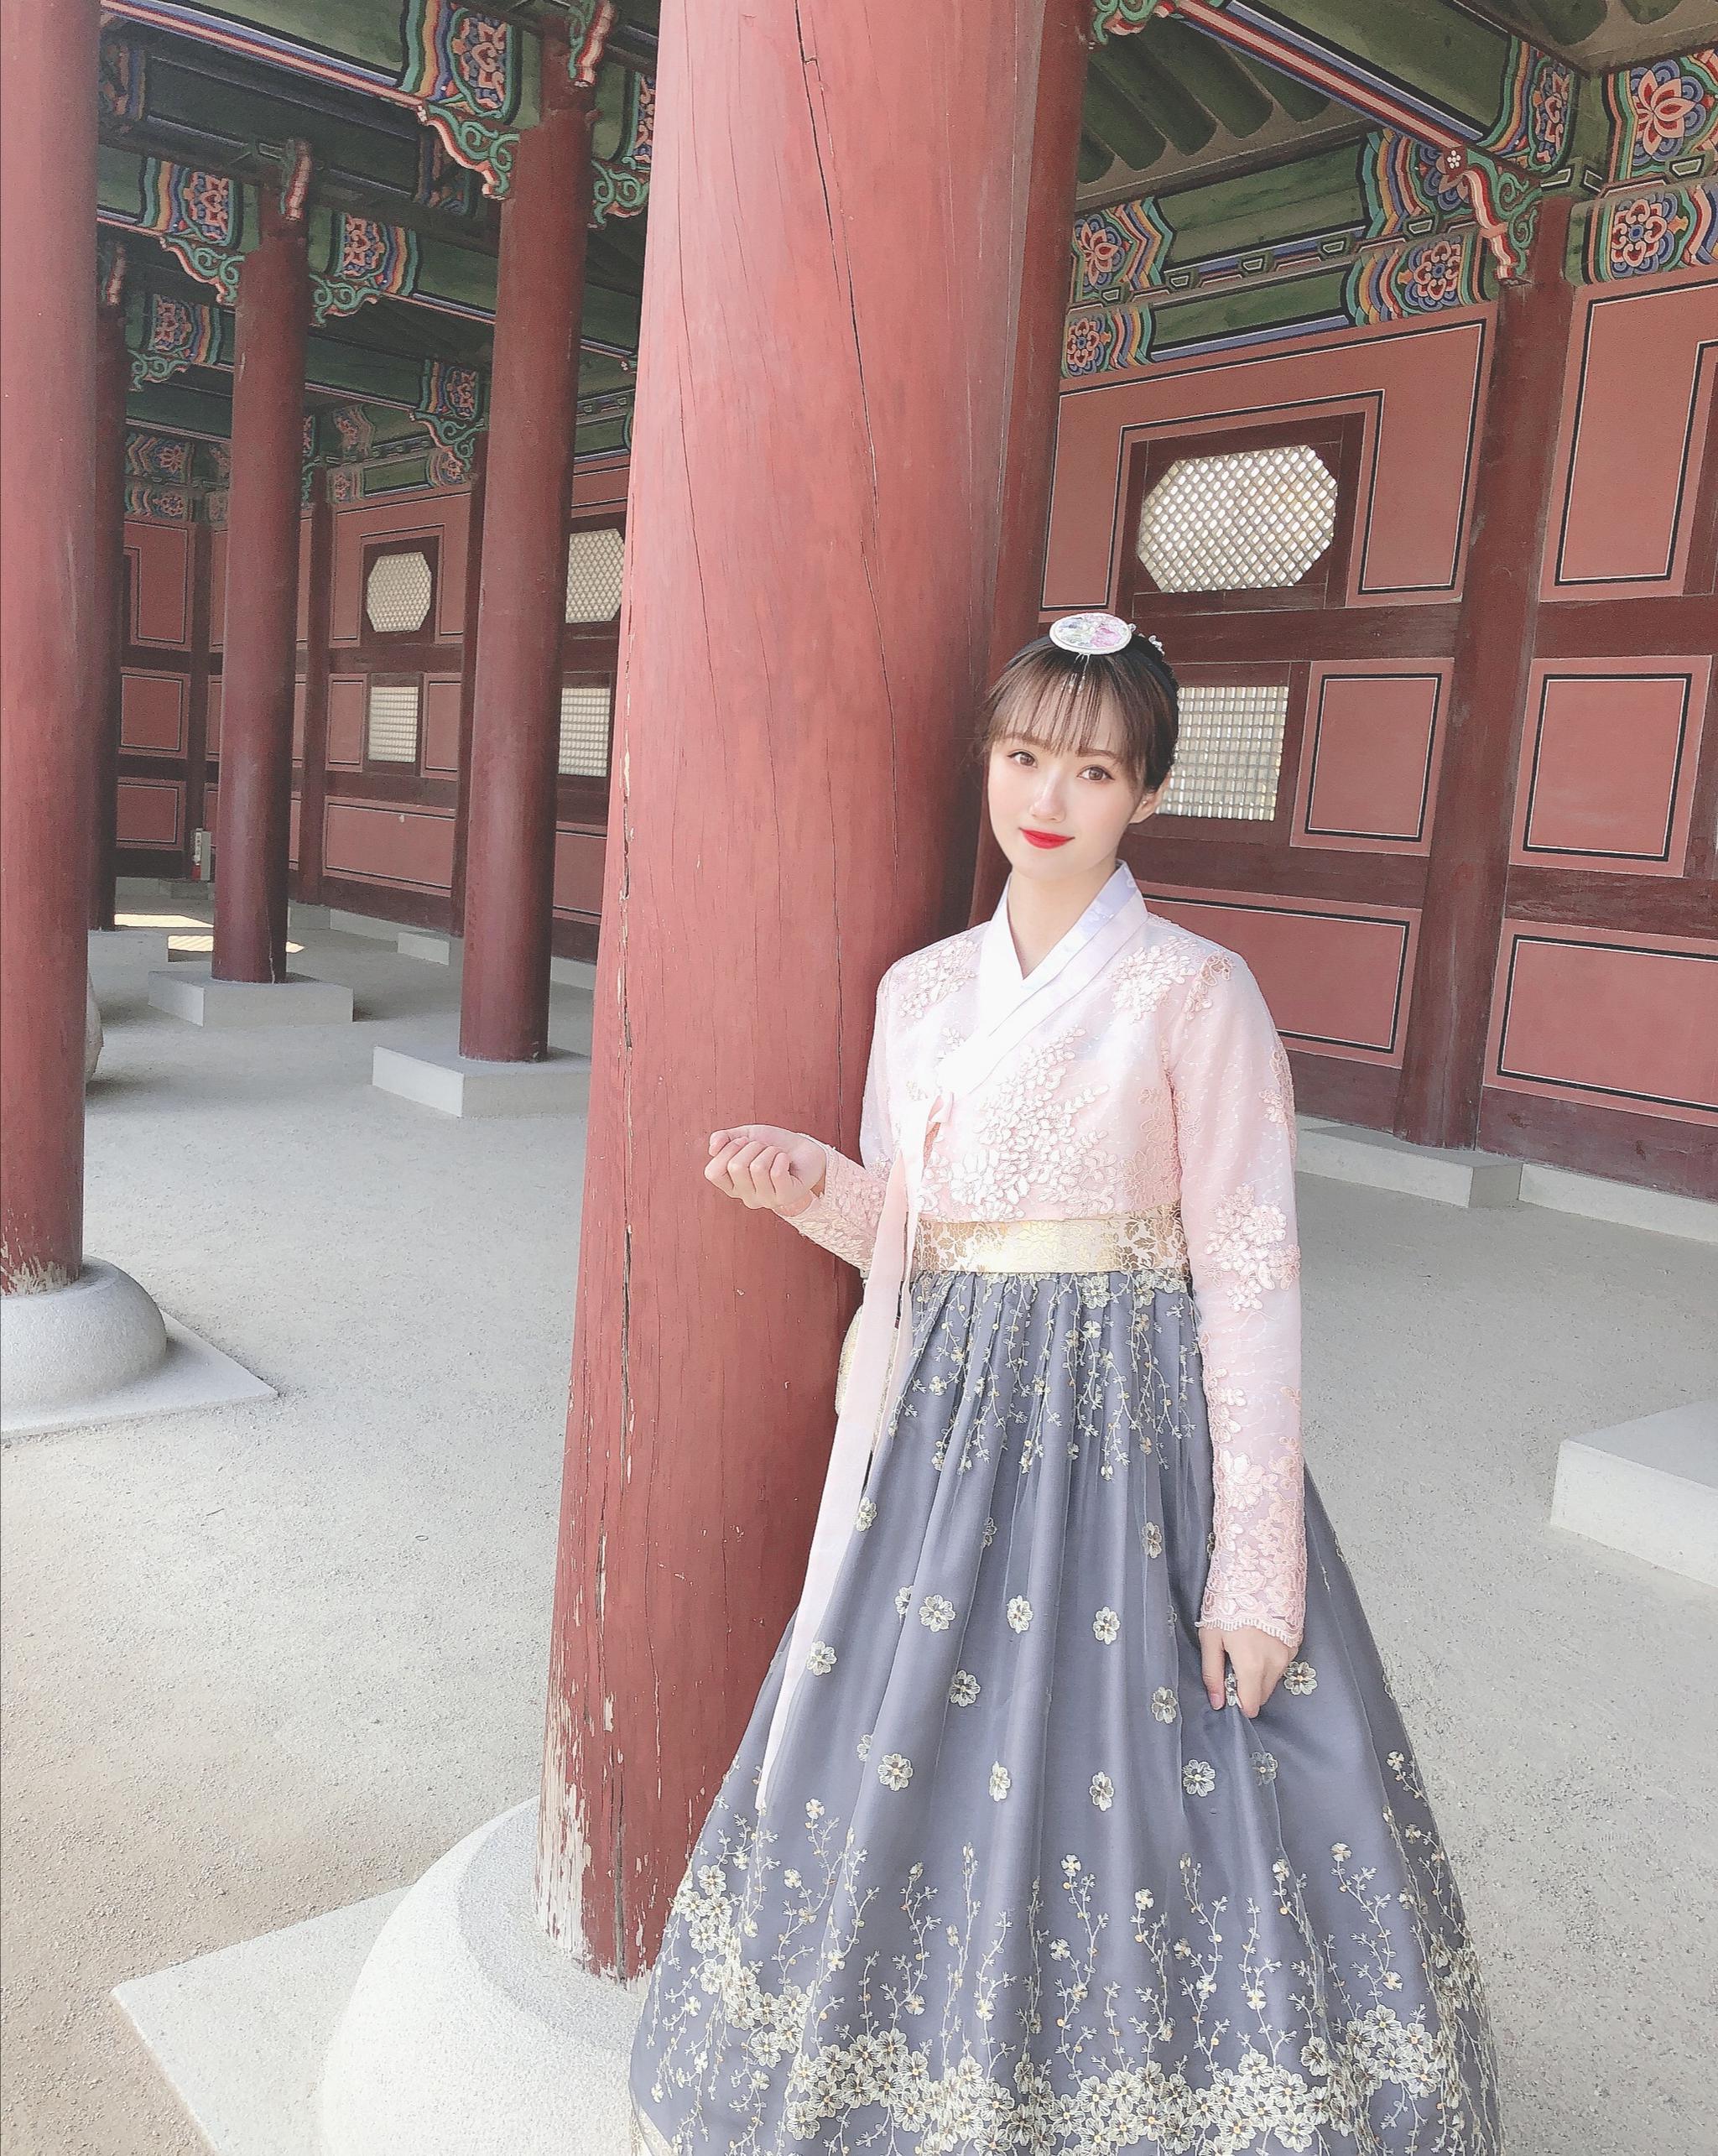 文欣 南京艺术学院 98年 摩羯座 坐标江苏南京